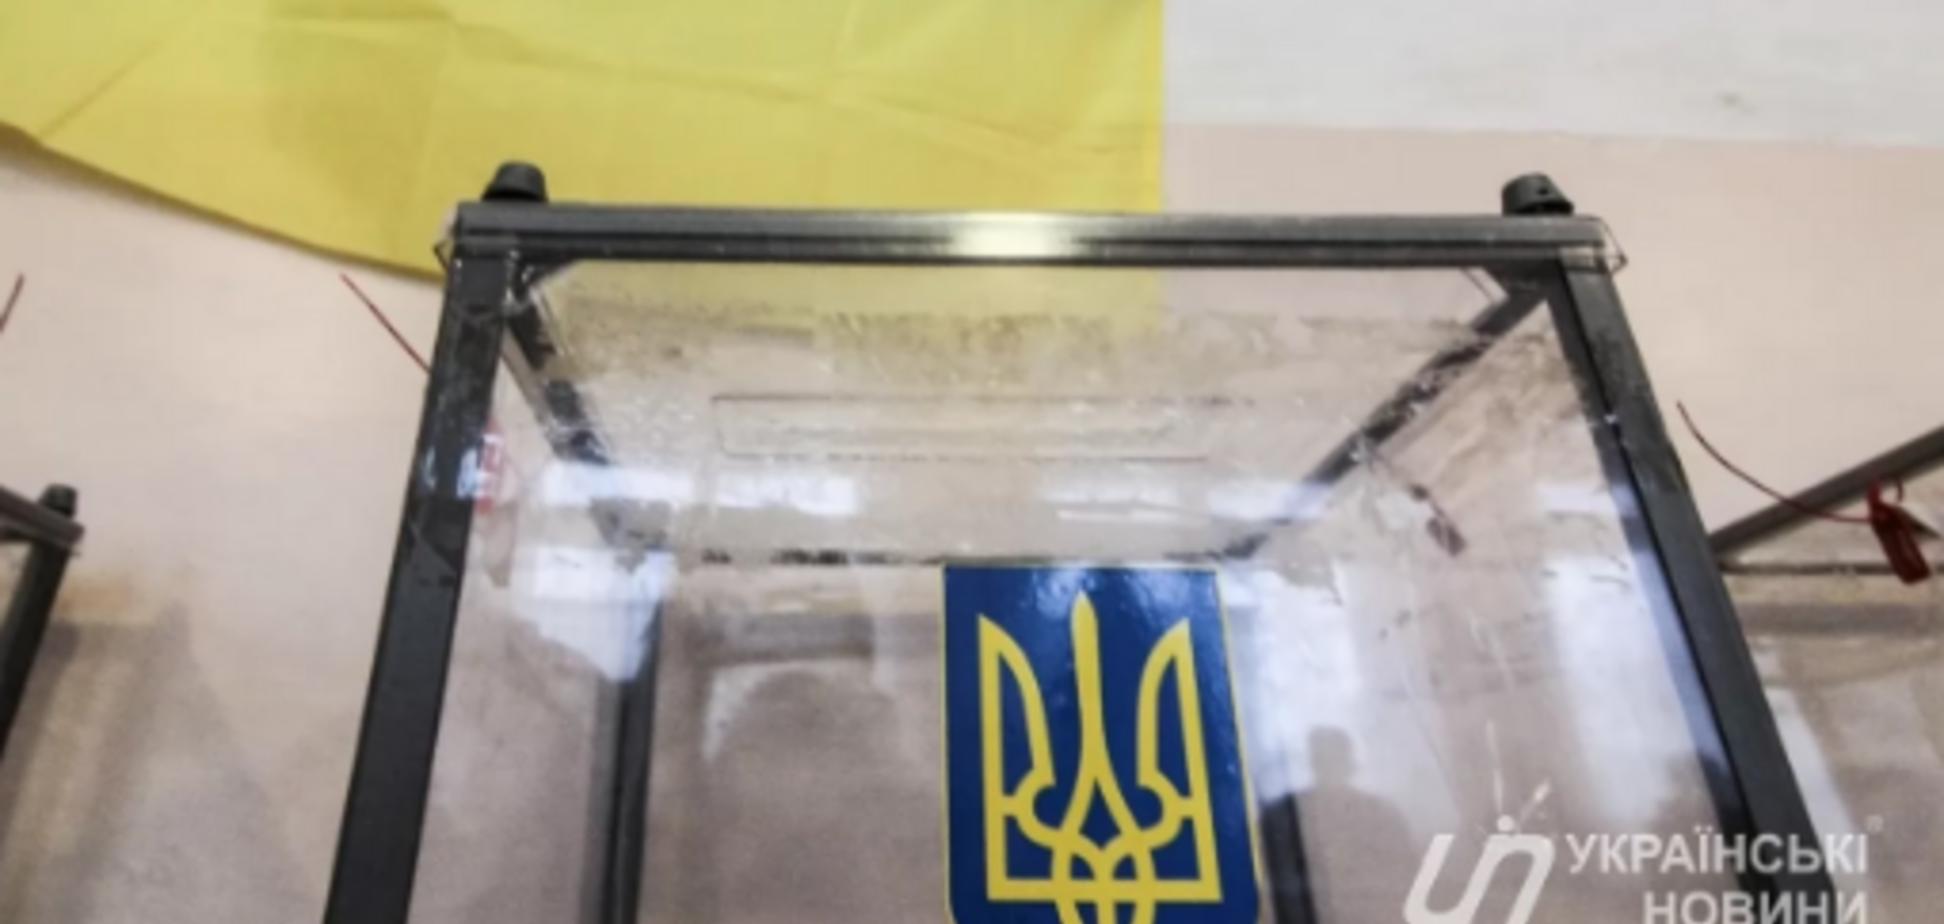 'Испытание на скрепы!' Раскрыты детали о ситуации на избирательном округе в Киеве